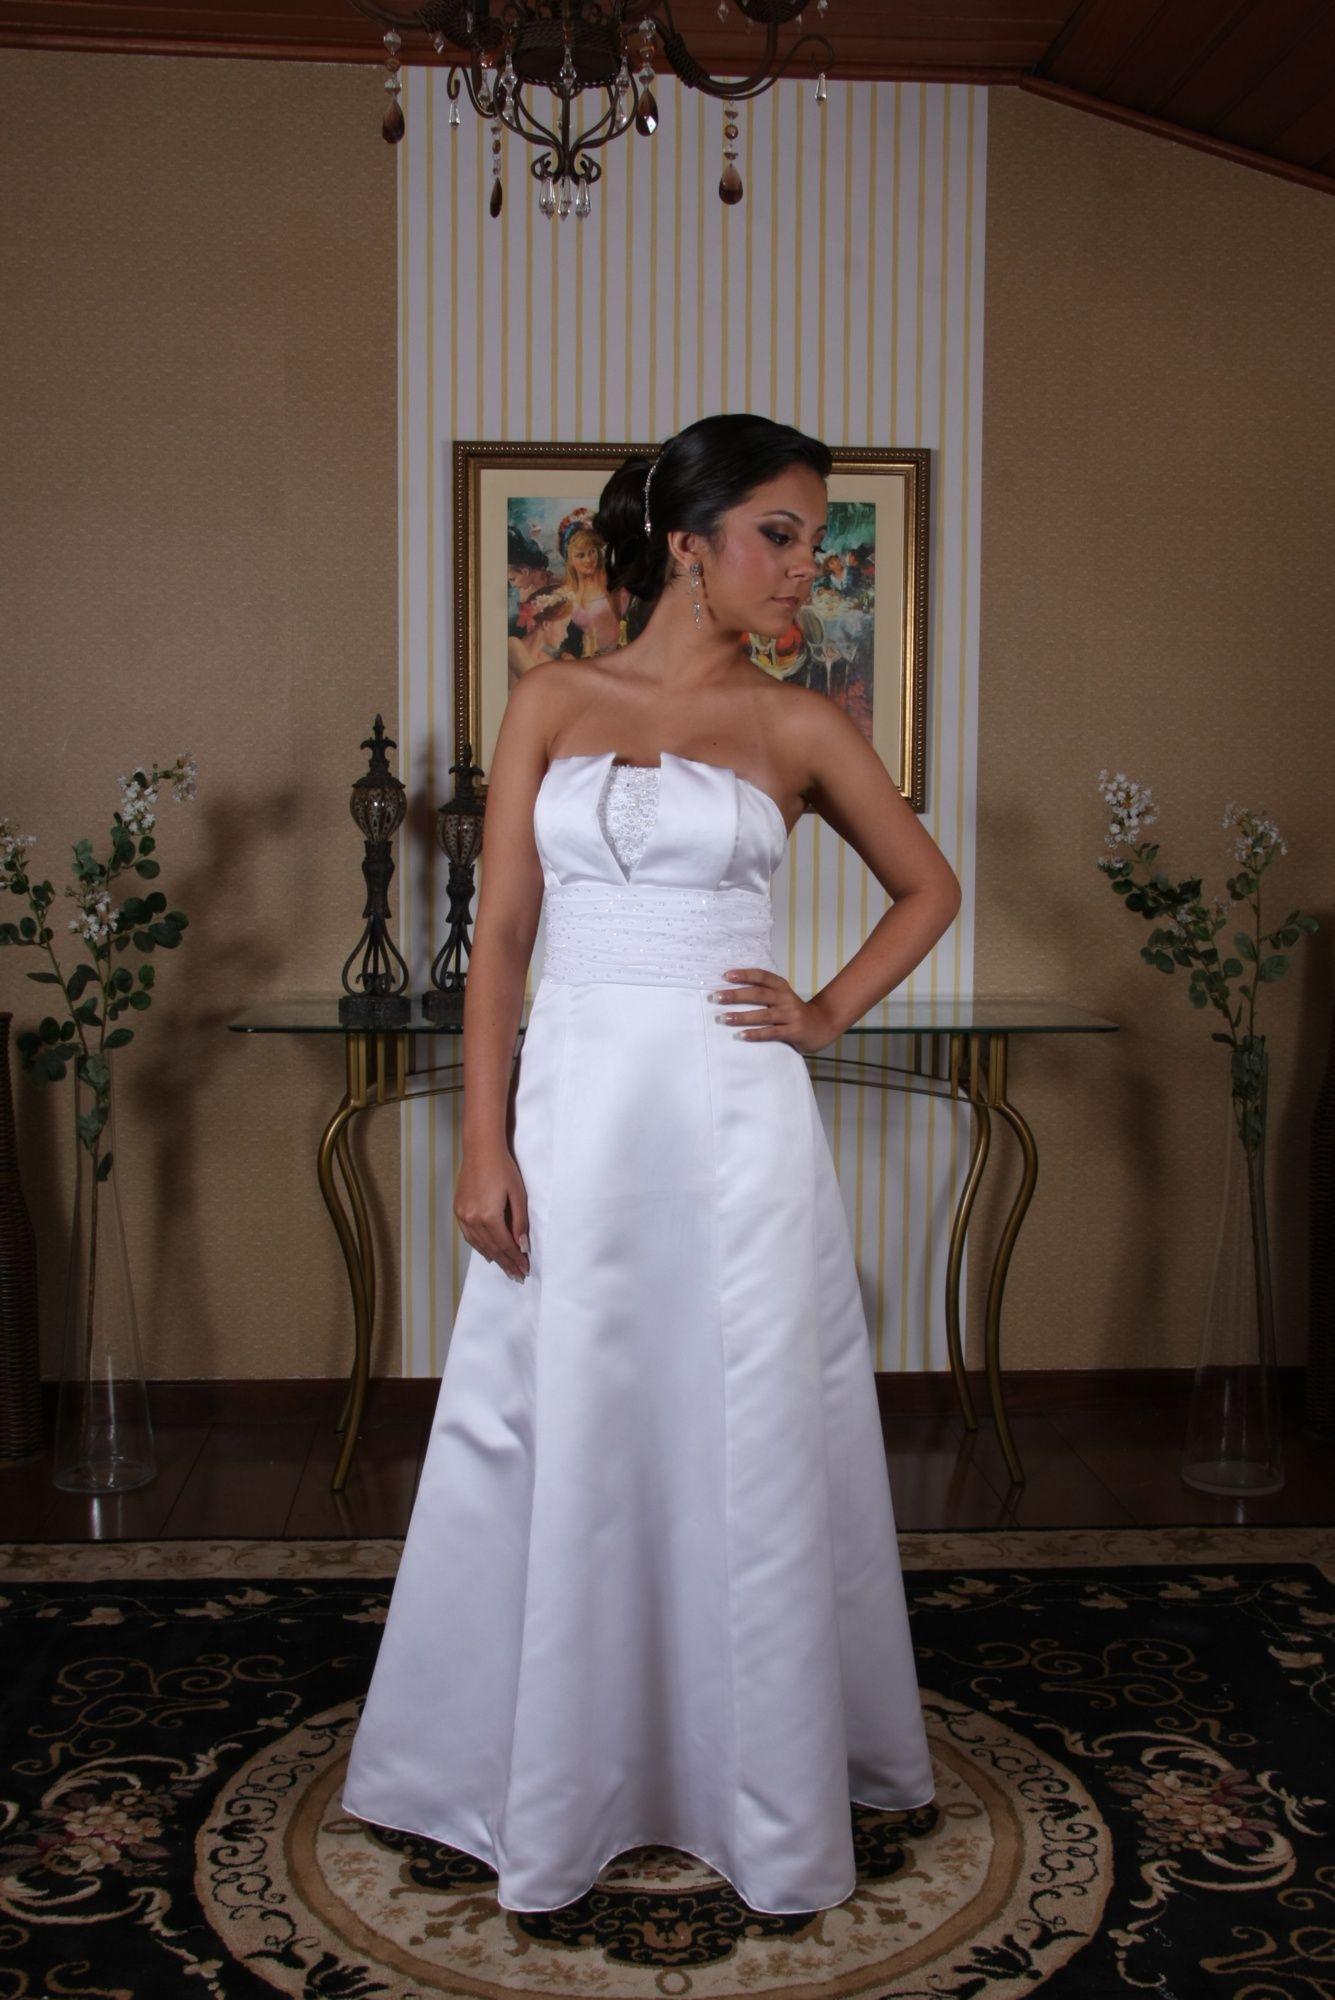 Vestido de Noiva Leve - 11 - Hipnose Alta Costura e Spa para Noivas e Noivos - Campinas - SP Vestido de Noiva, Vestido de Noiva Leve, Hipnose Alta Costura